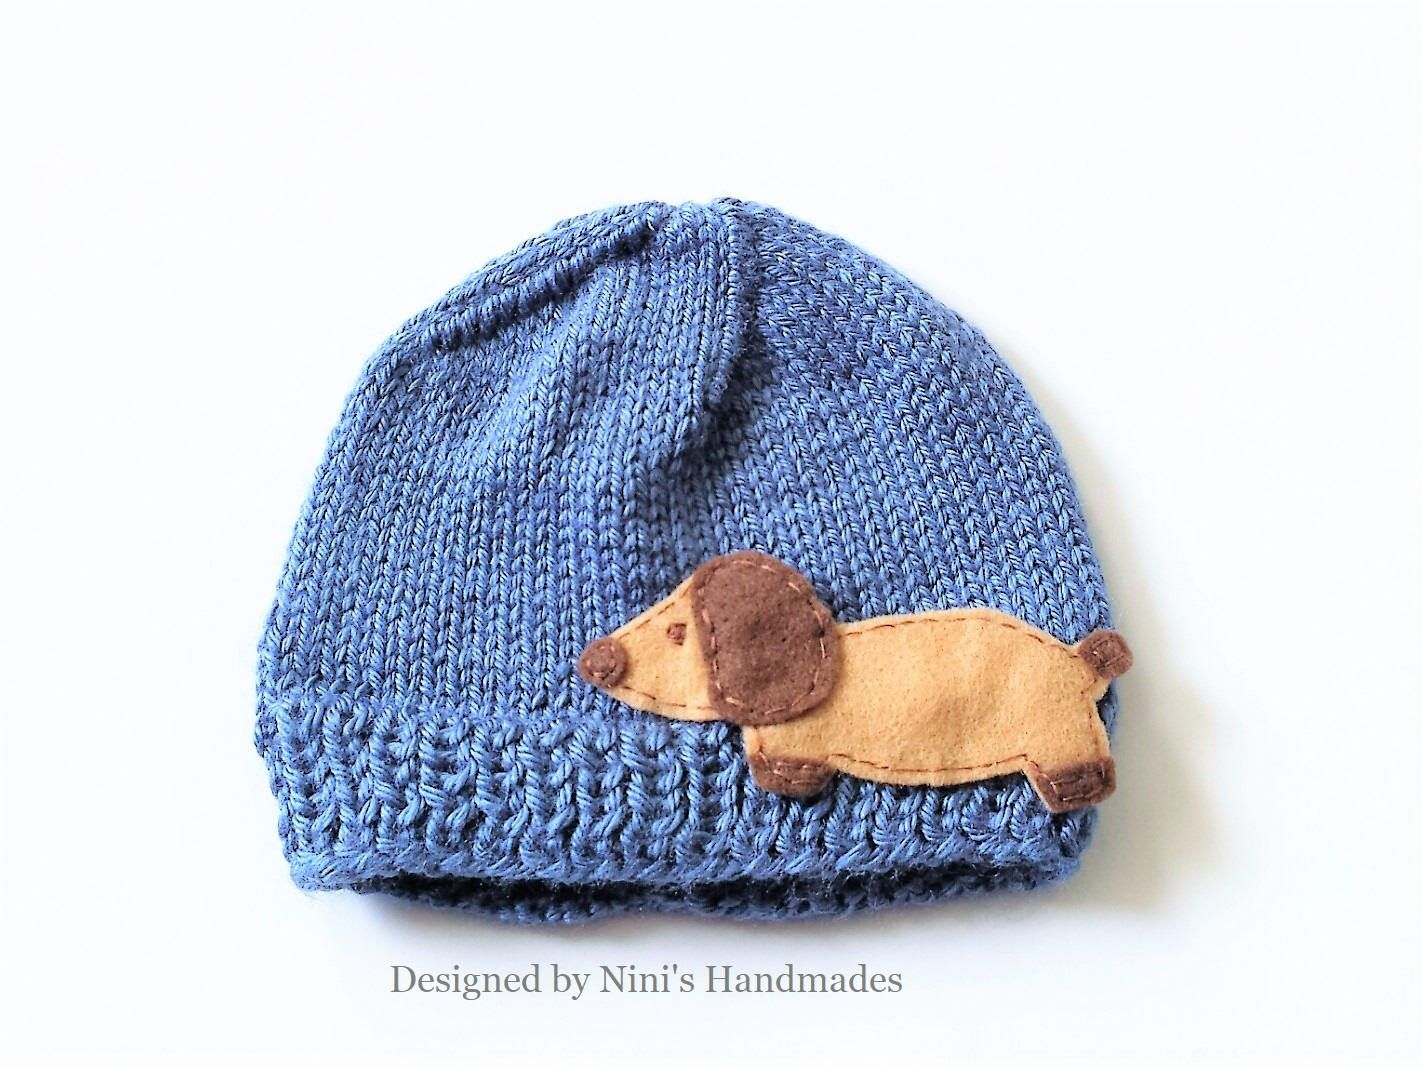 742144817d8 Fun Unisex Kids Knit Denim Wiener Dog Dachshund inspired Beanie Hat ...